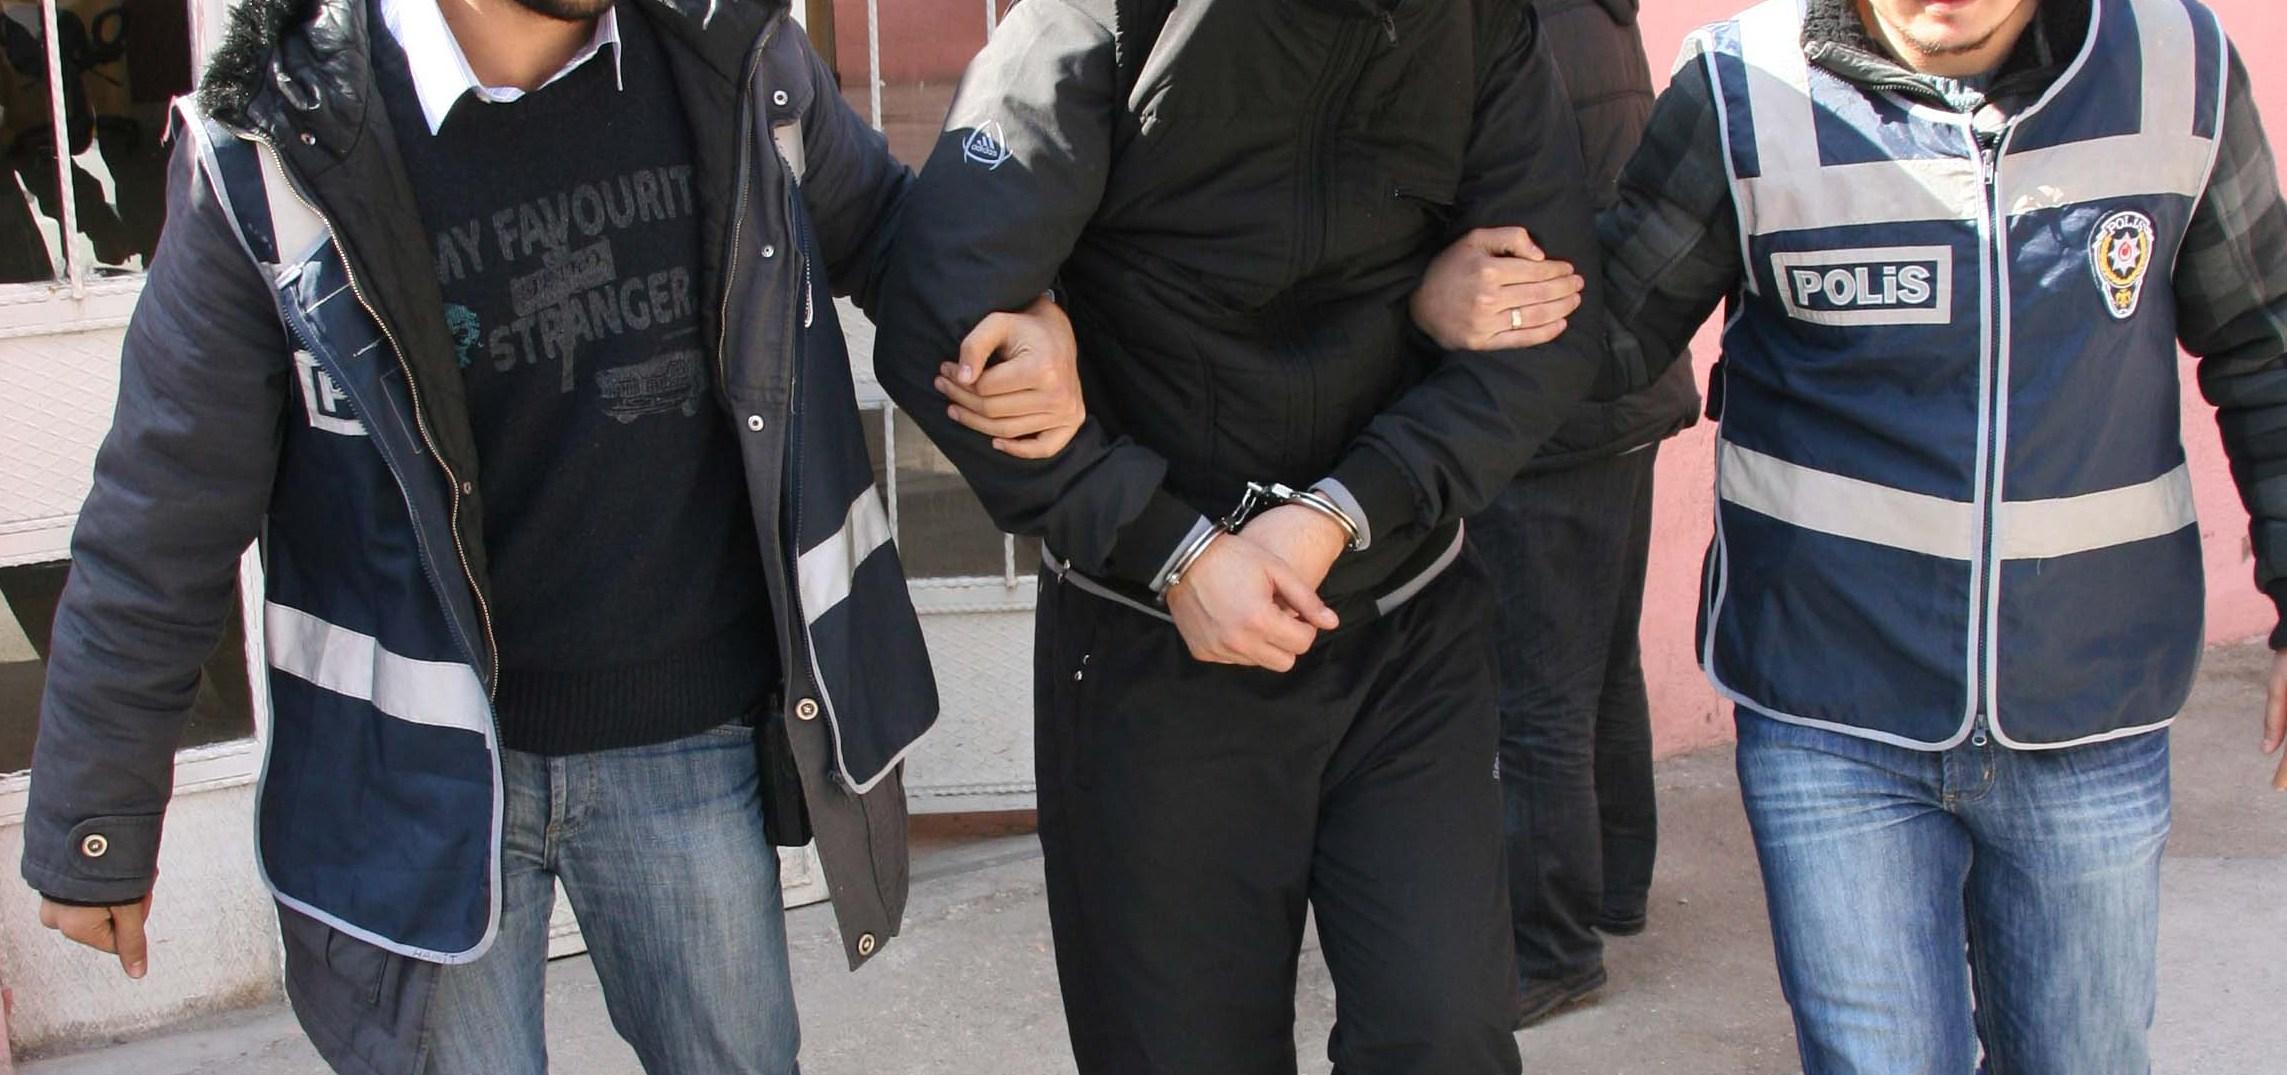 Diyarbakır' da IŞİD operasyonu: 20 kişi gözaltında